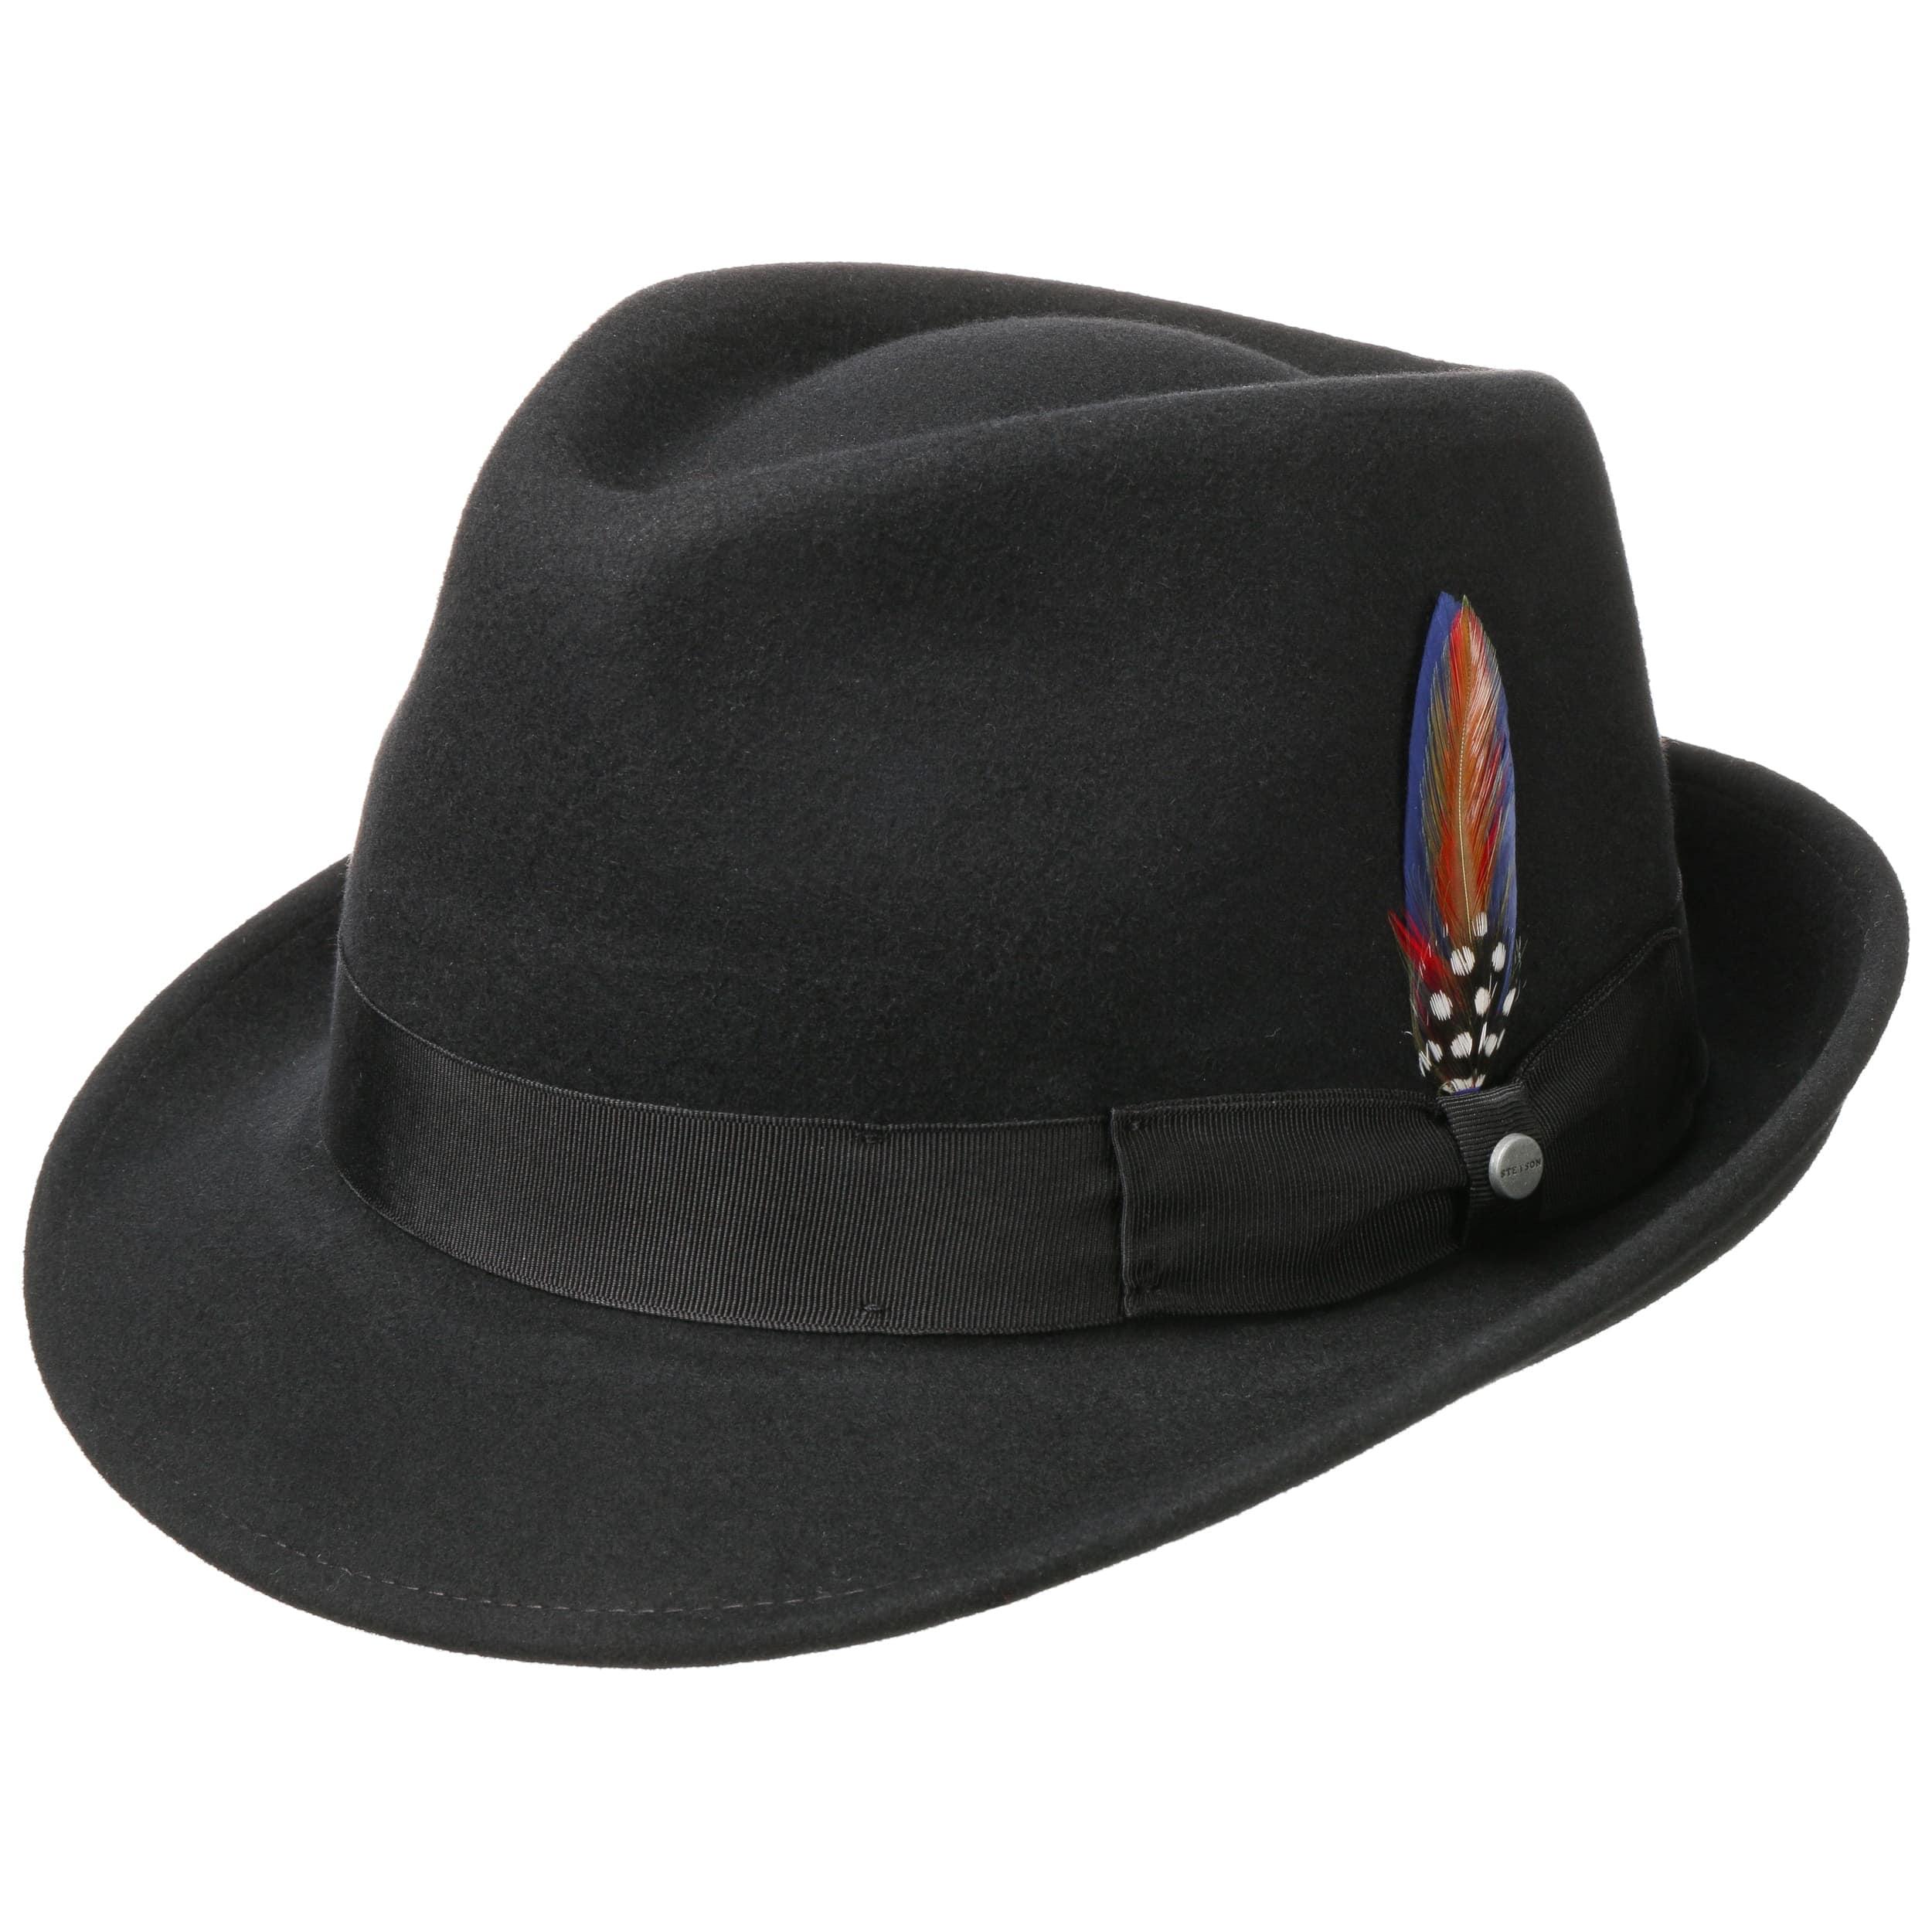 Elkader Trilby Felt Hat by Stetson 34f0a224b64